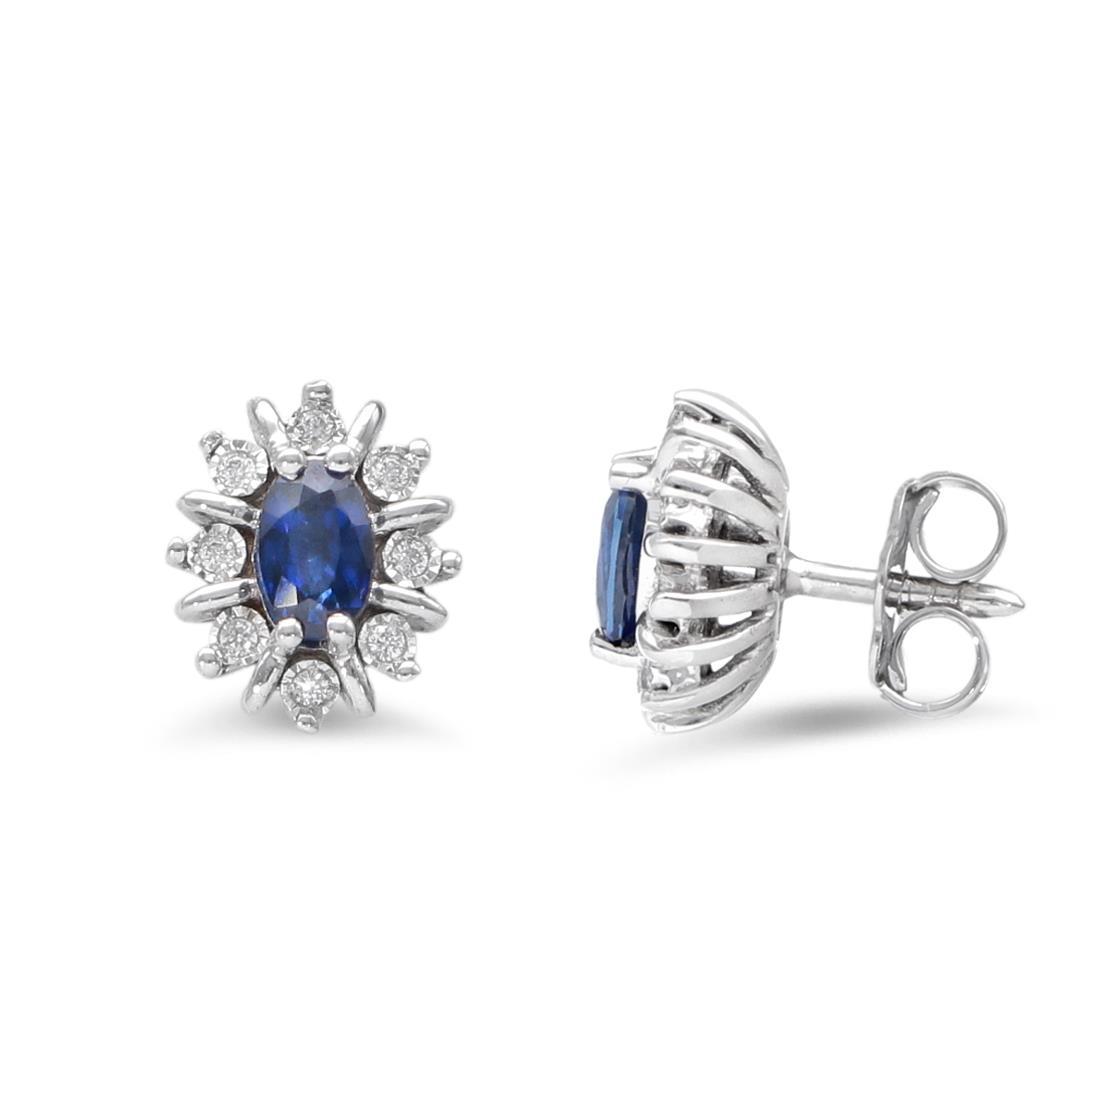 Orecchini con zaffiri e diamanti - LUXURY ZONE